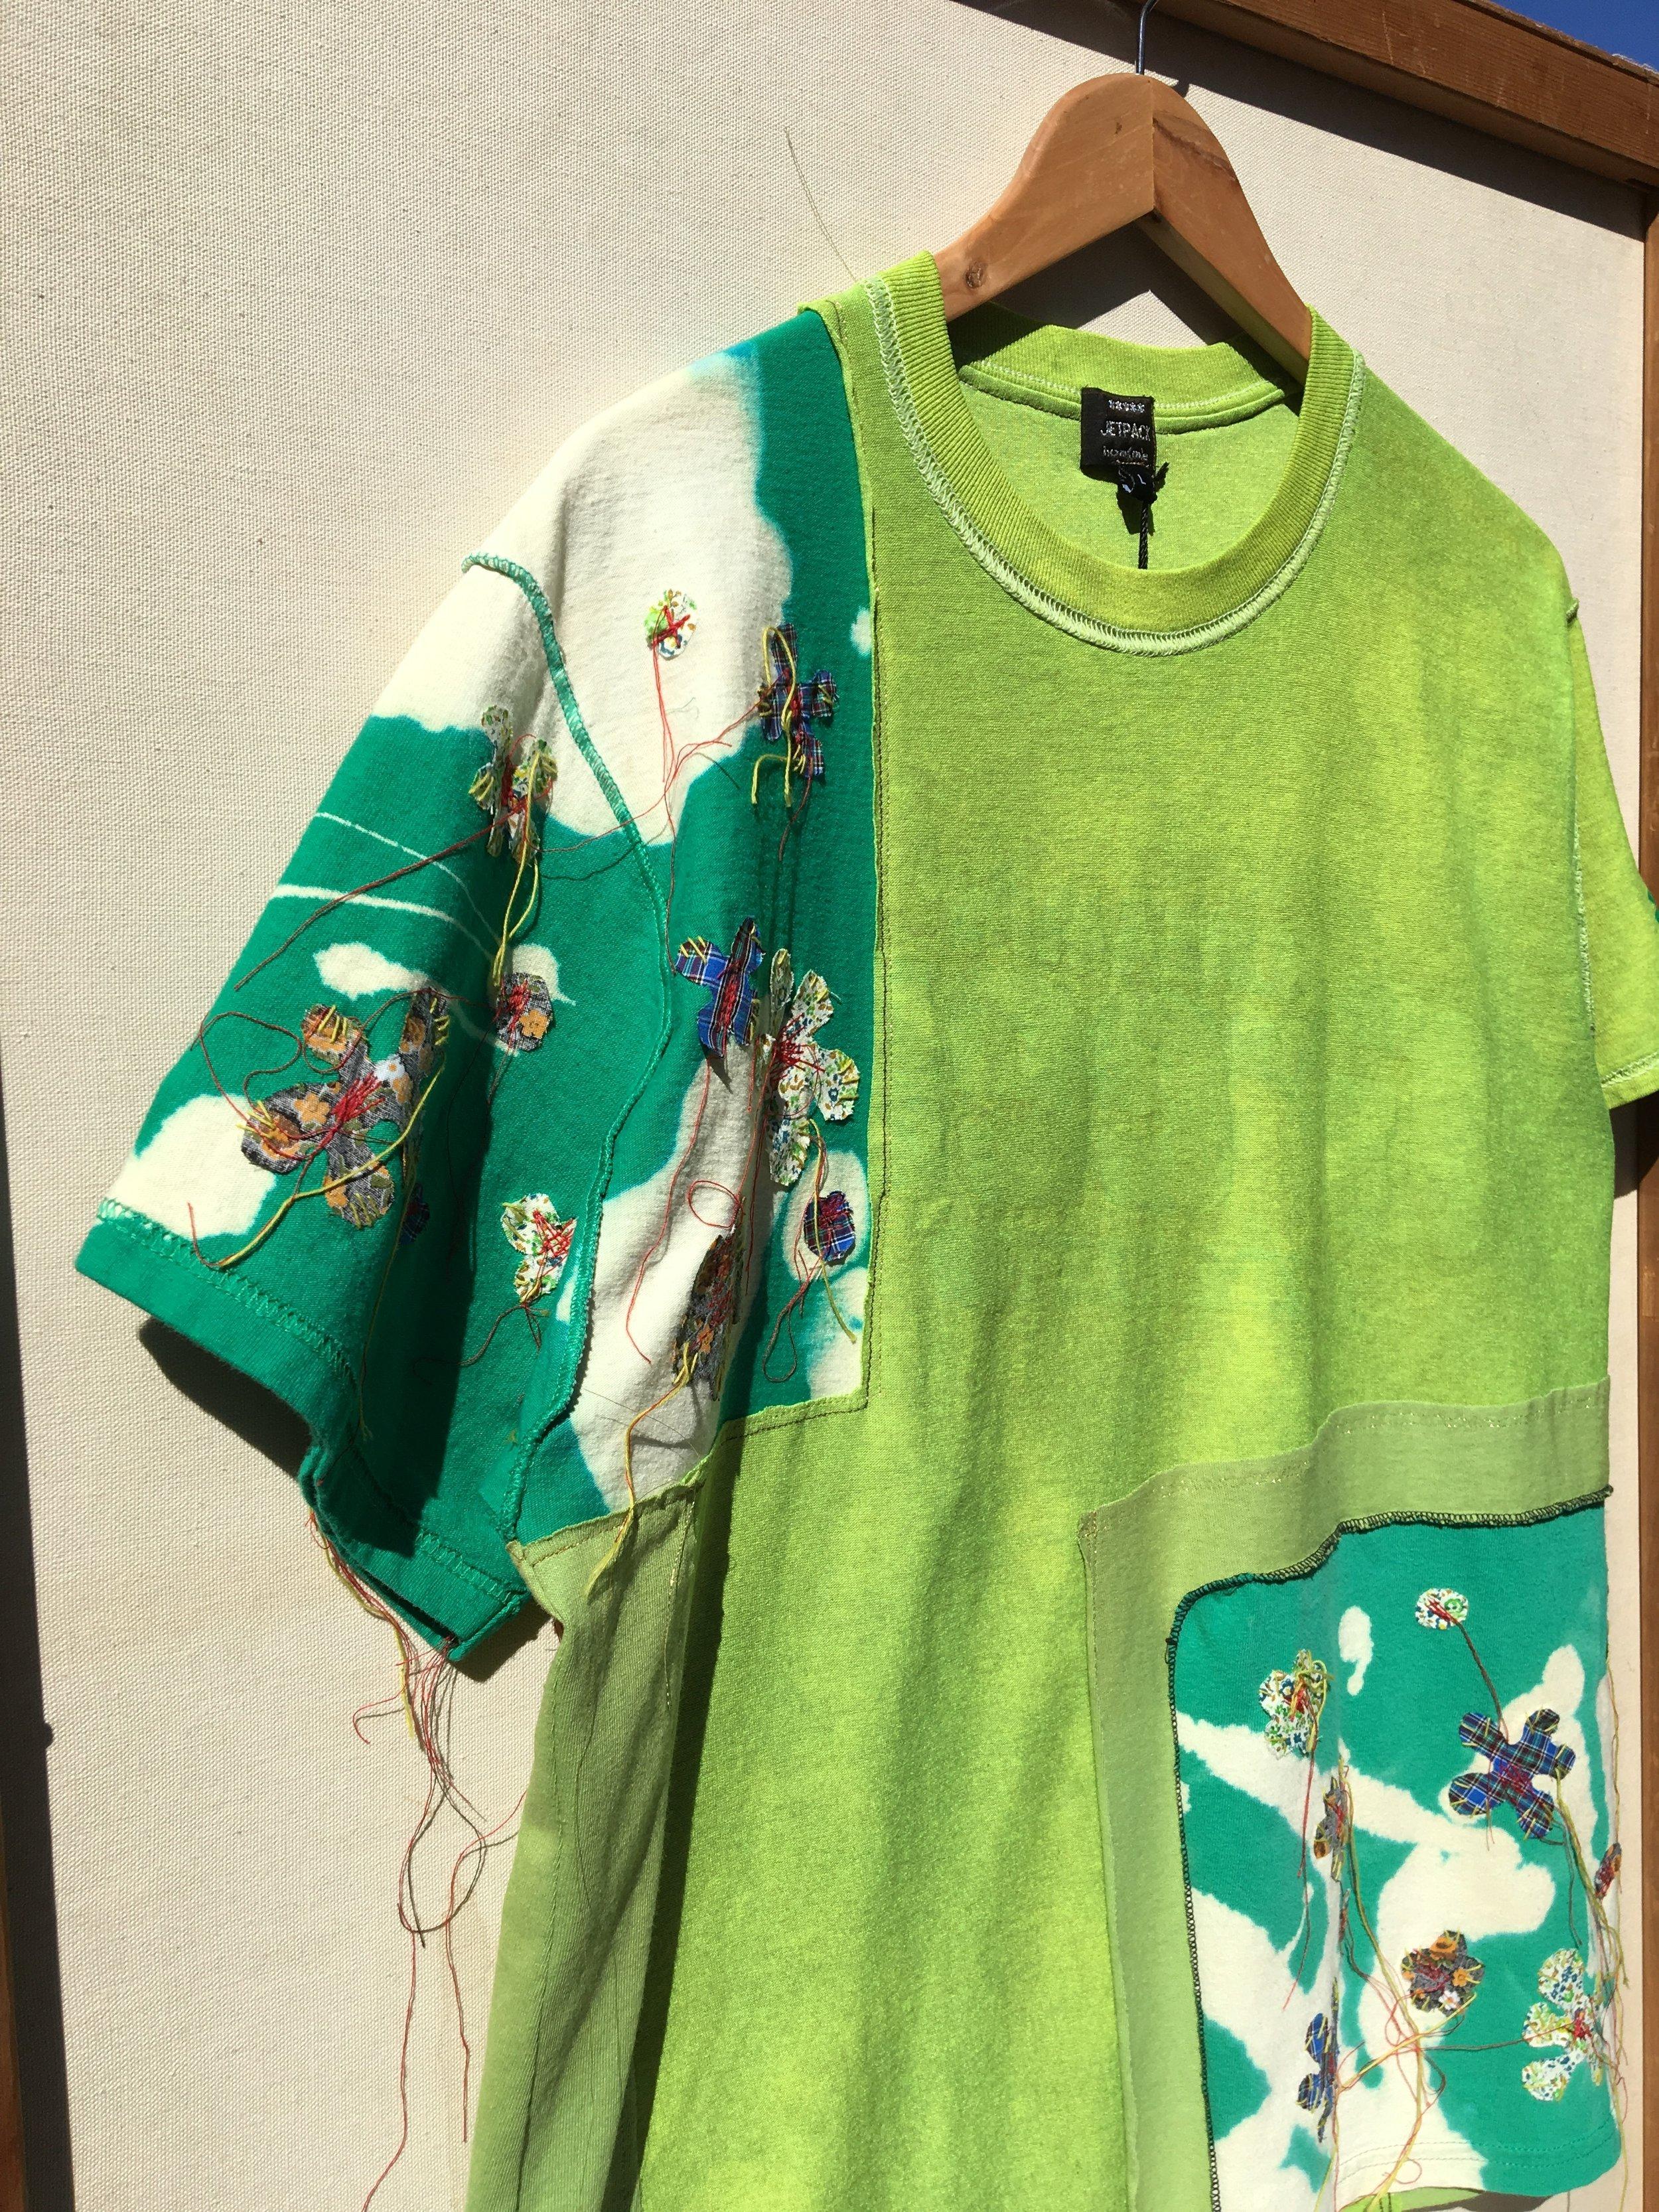 shirt 8_front detail.JPG